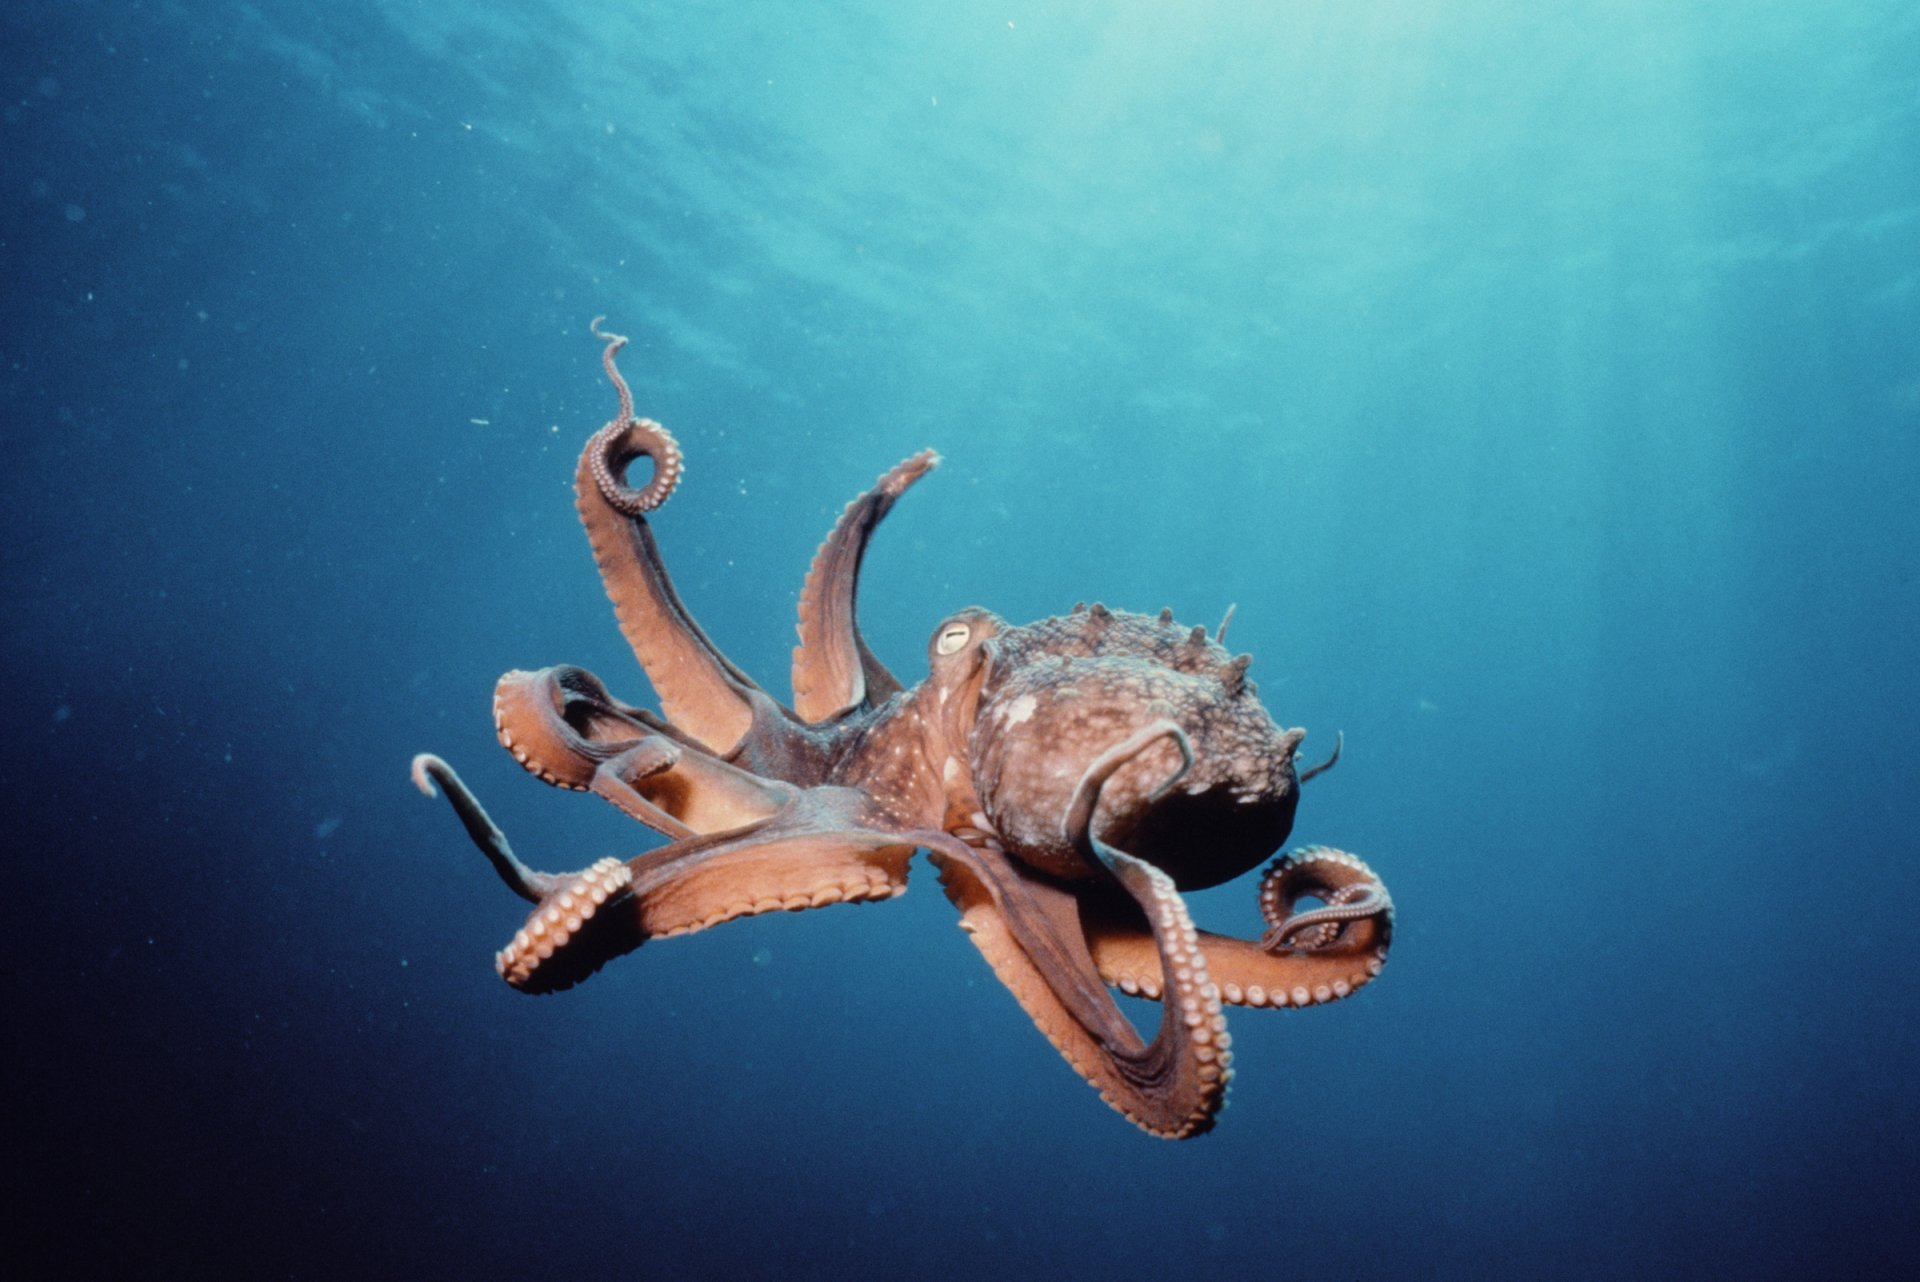 Animal - Octopus  Wallpaper